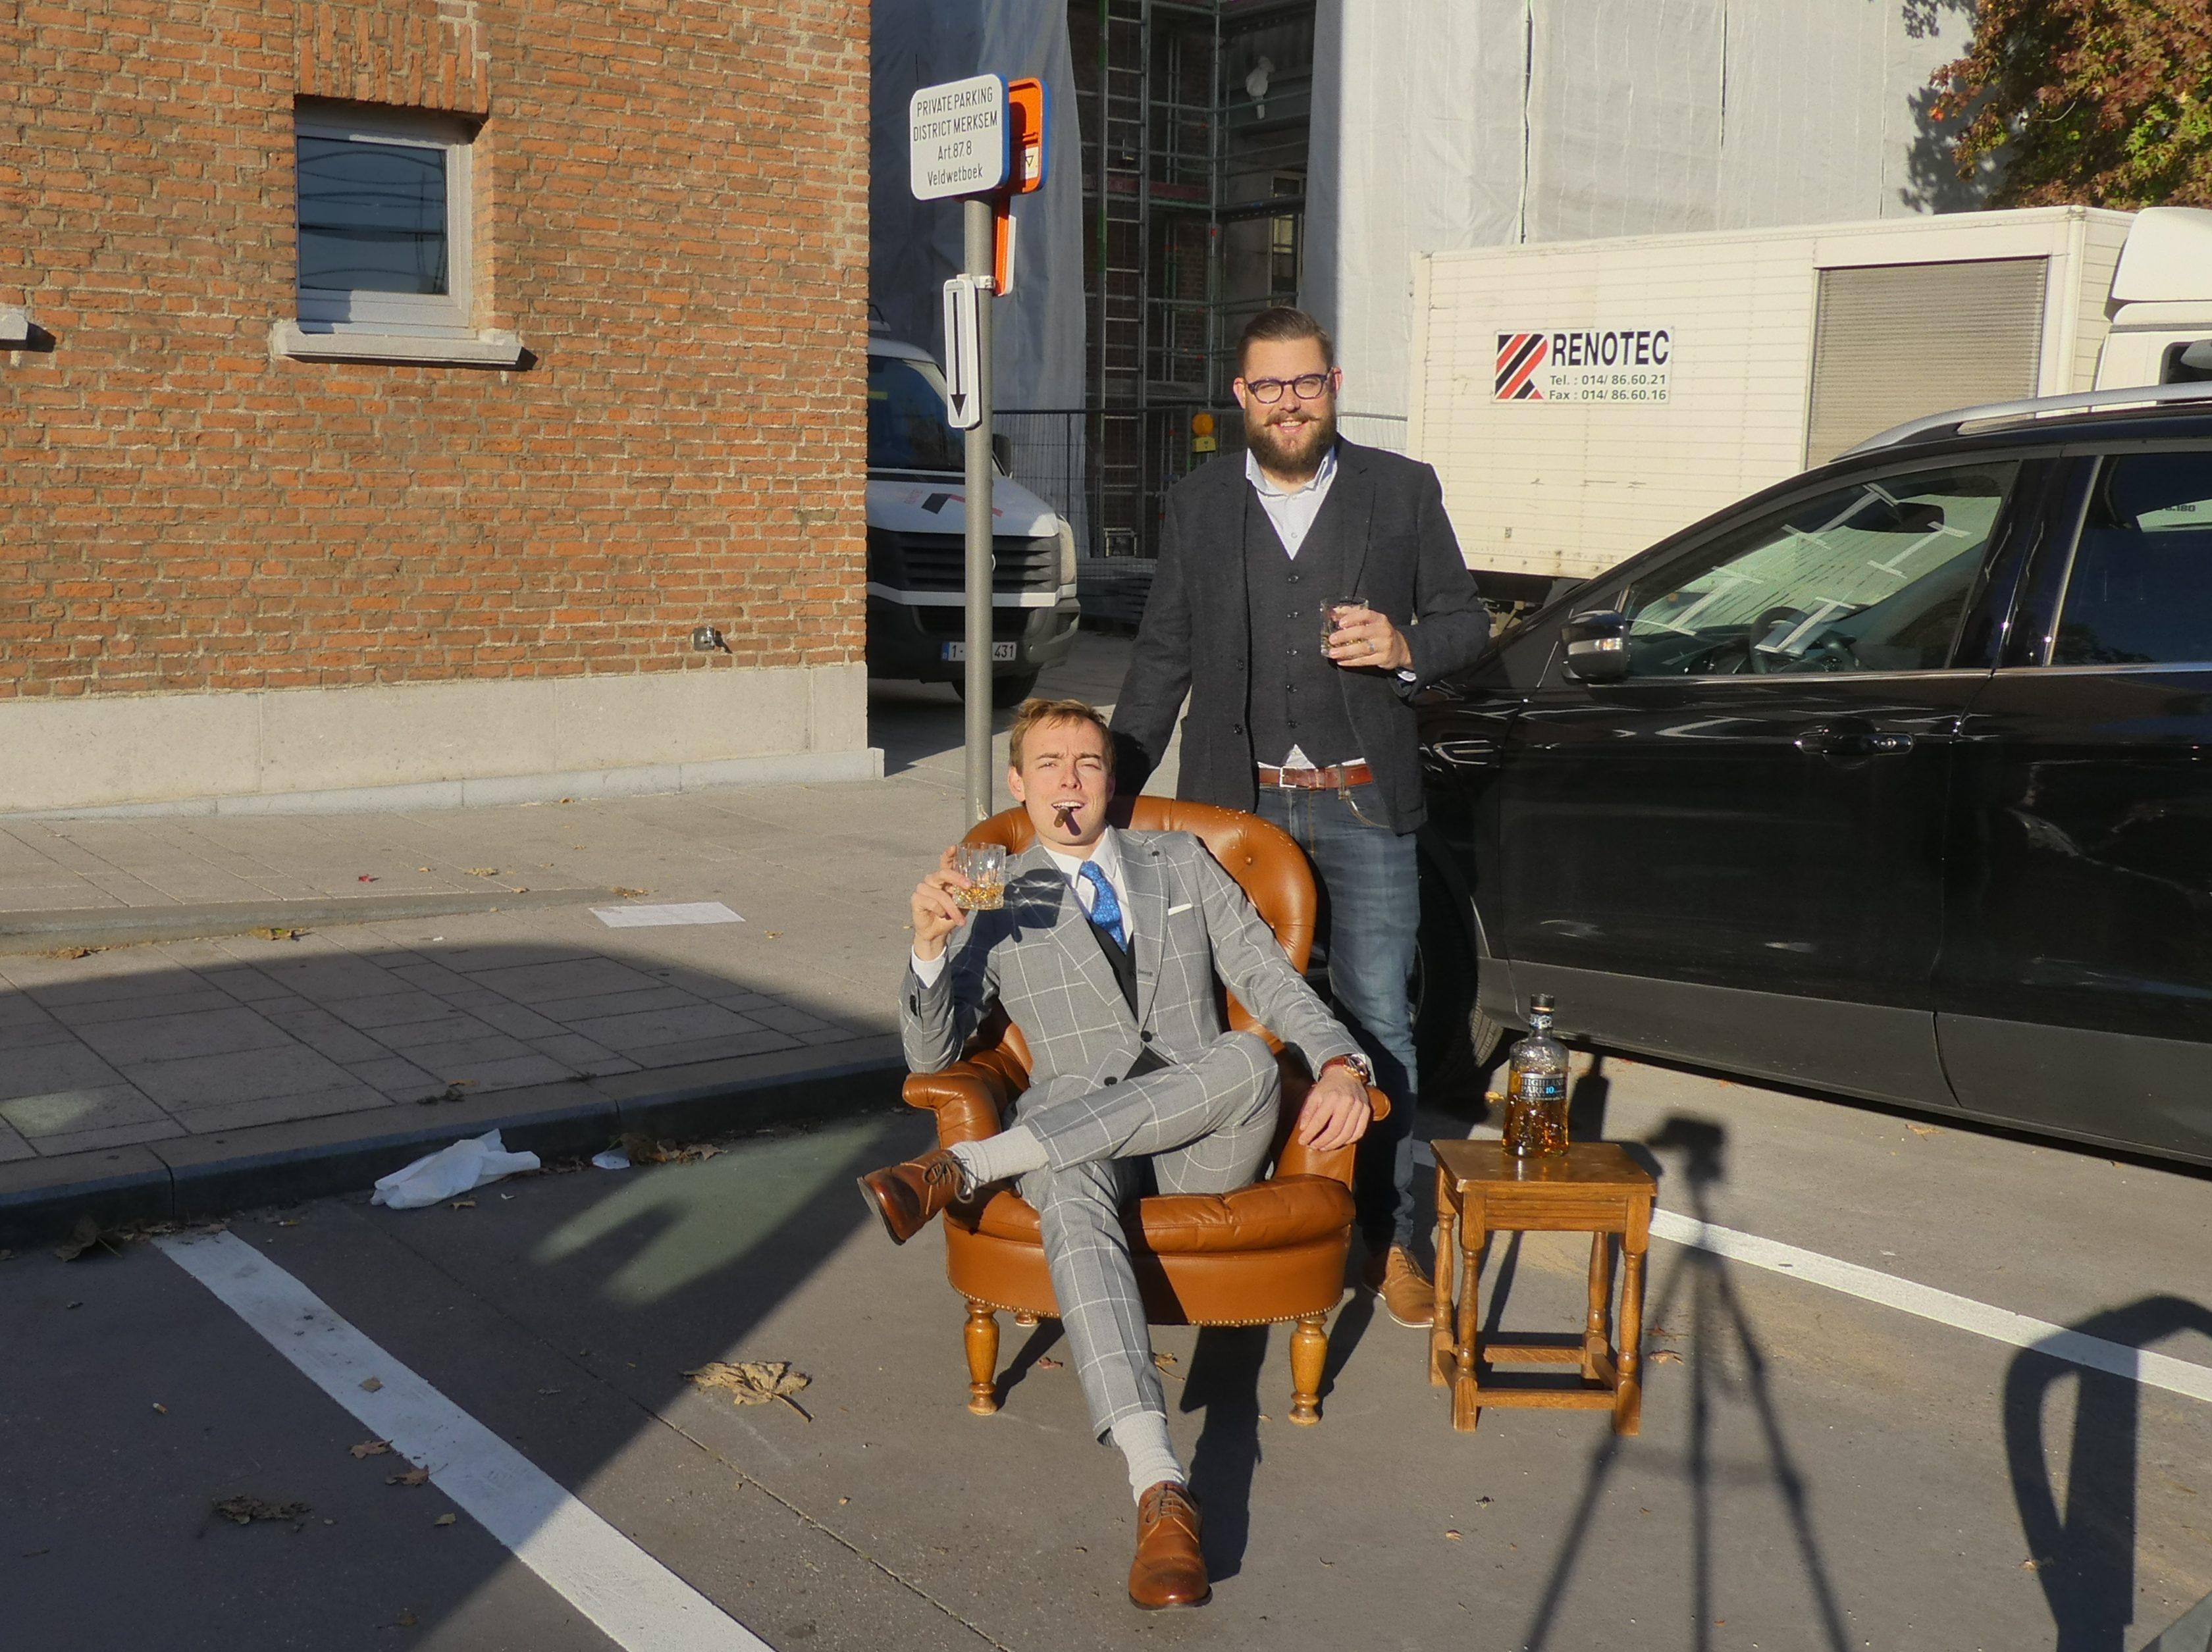 JONGCD&V Merksem kaapt voorbehouden parkeerplaatsen districtshuis